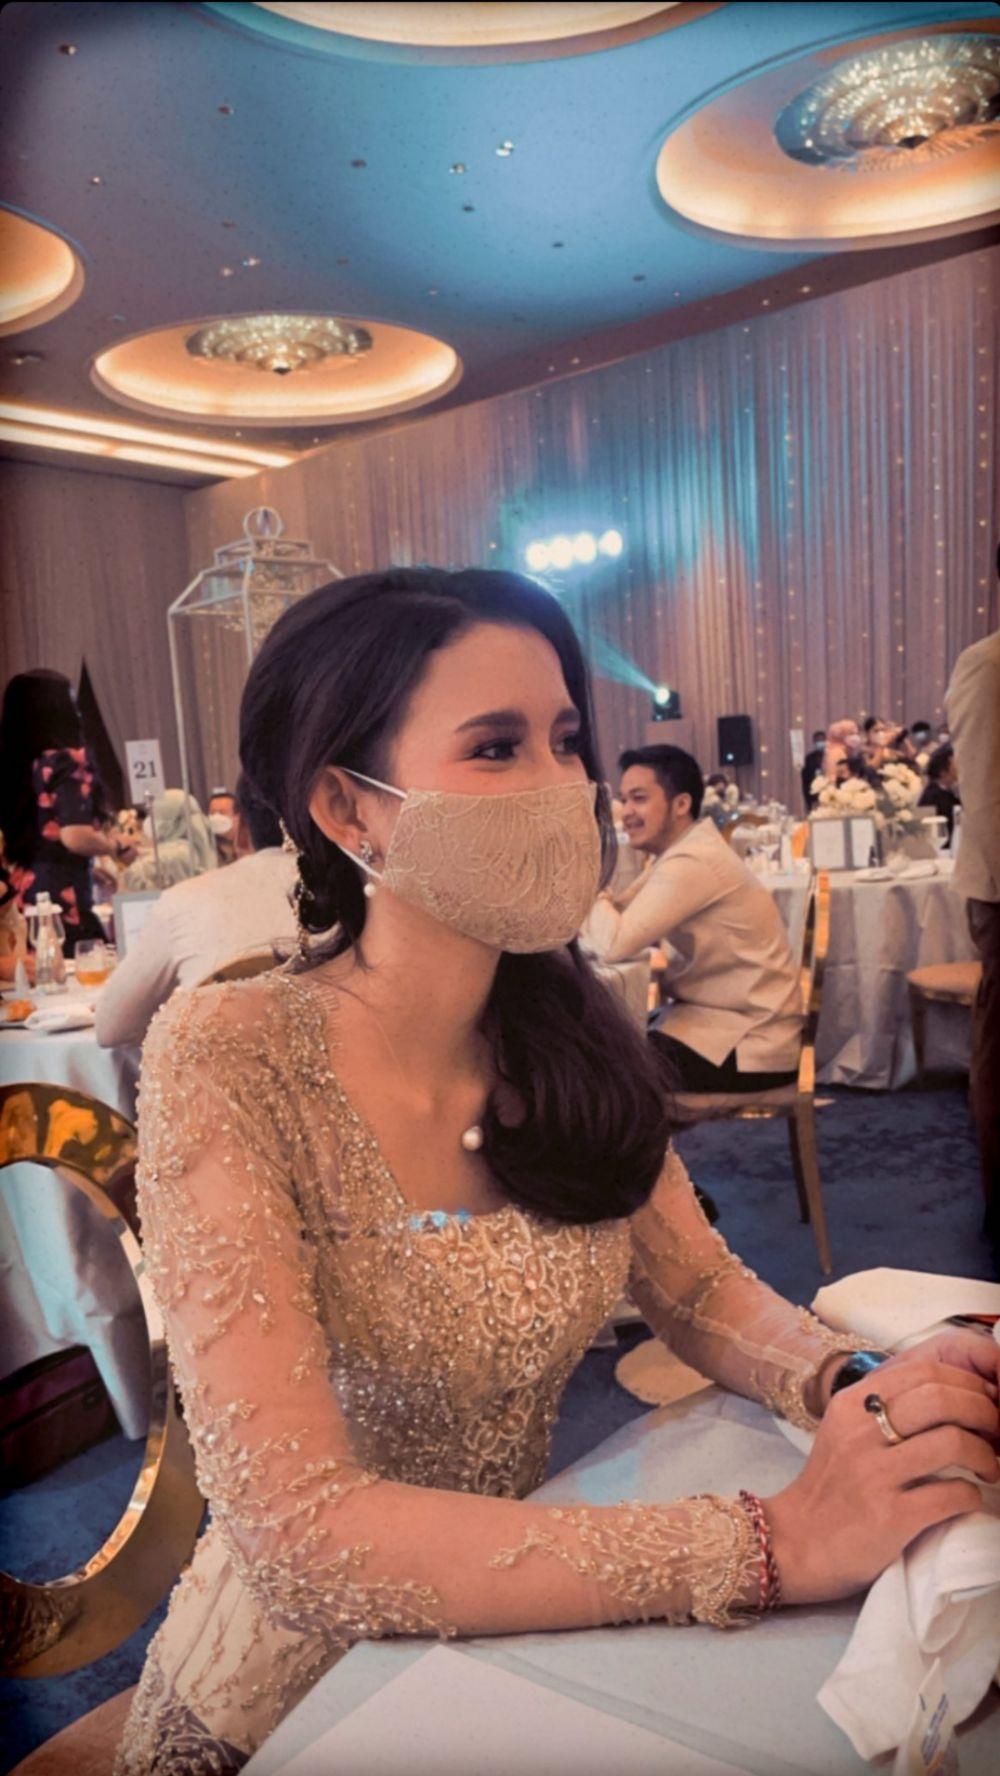 Potret Sarah Menzel di pernikahan Aurel dan Atta © 2021 brilio.net